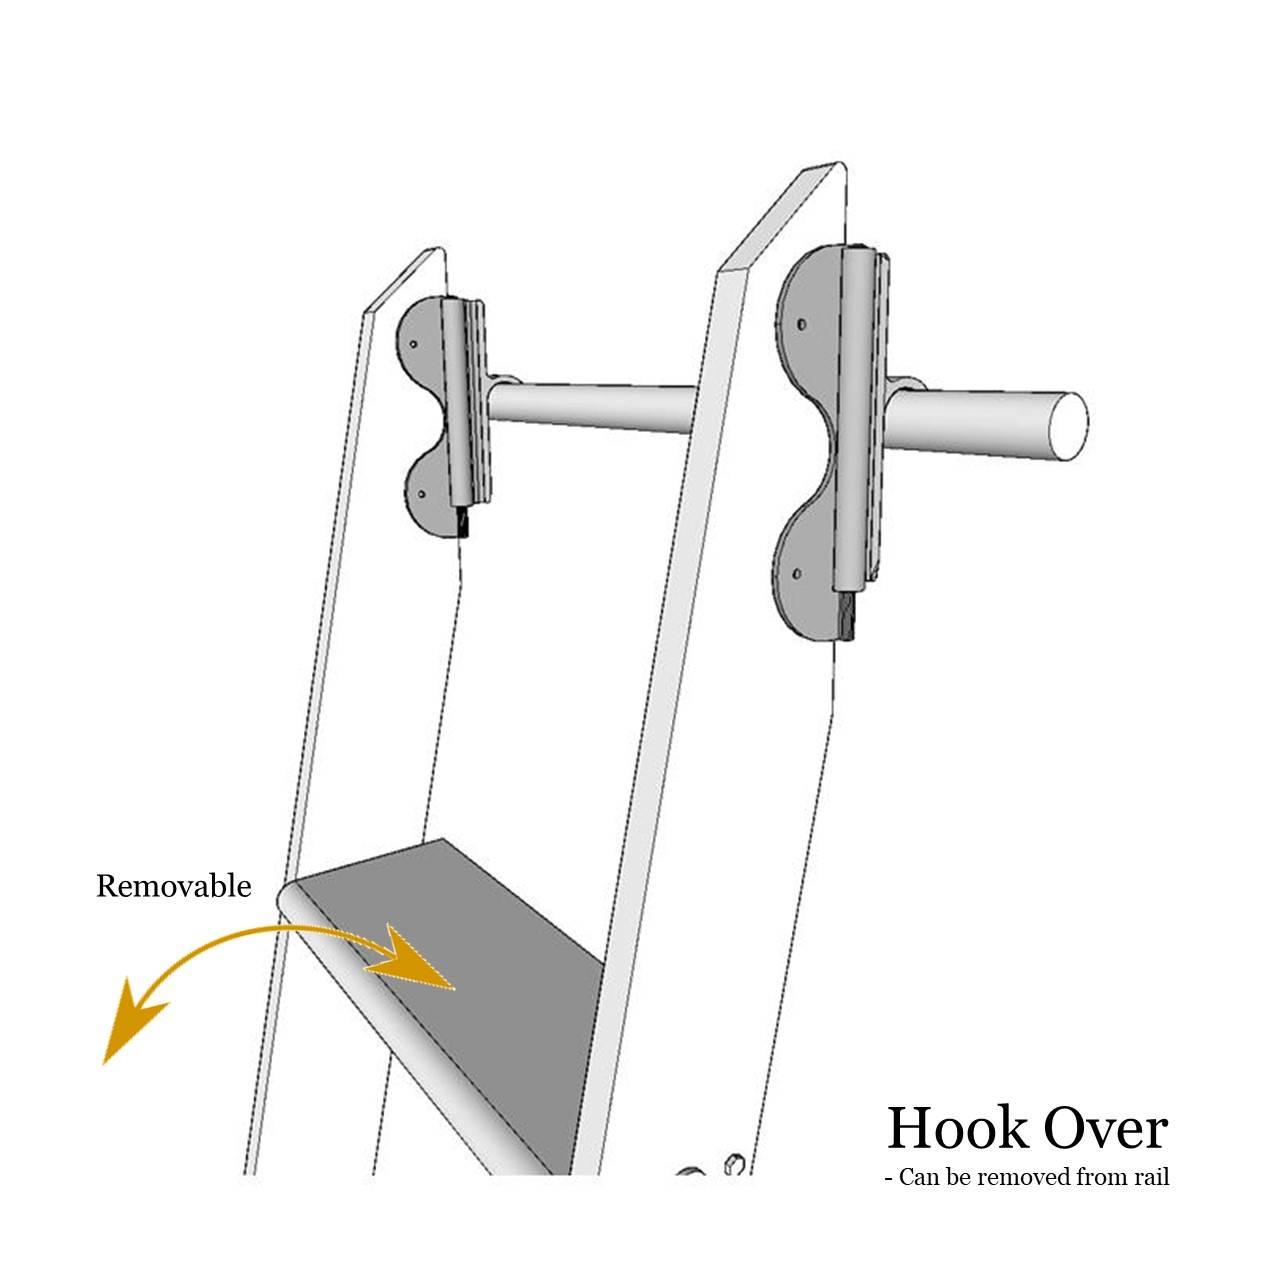 Hook over ladder